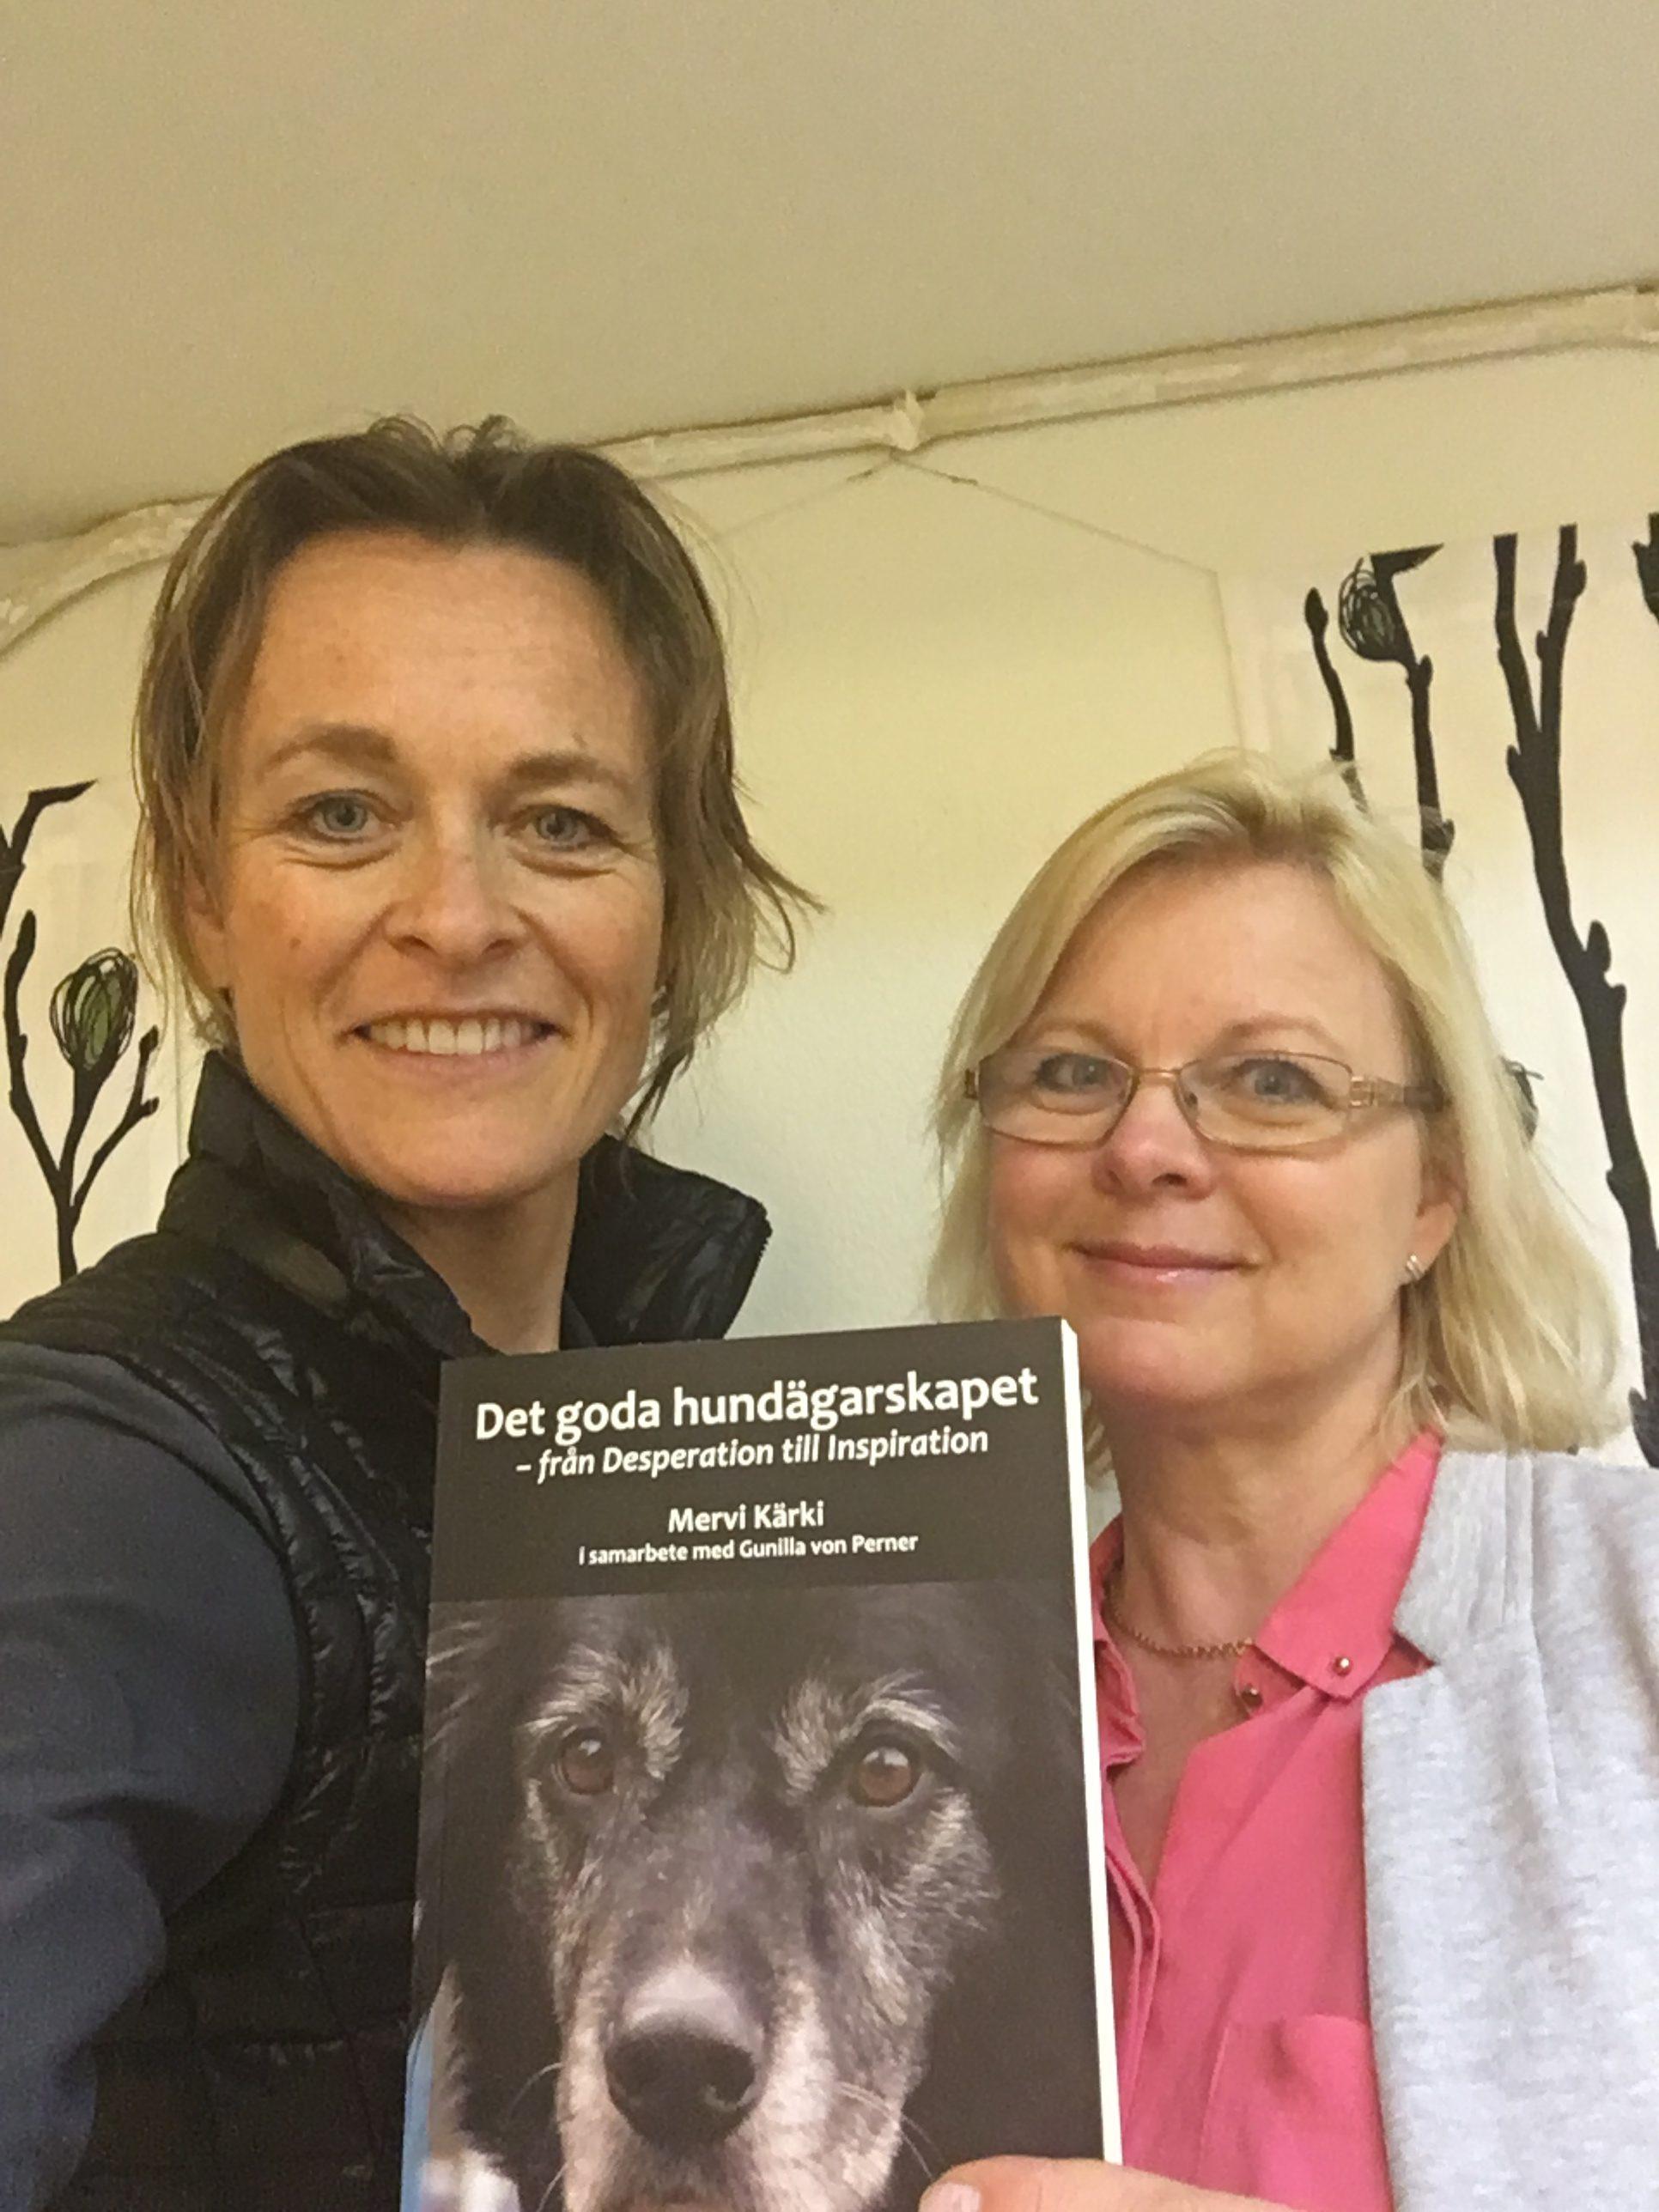 Det goda hundägarskapet av Mervi Kerki & Gunilla von Perner